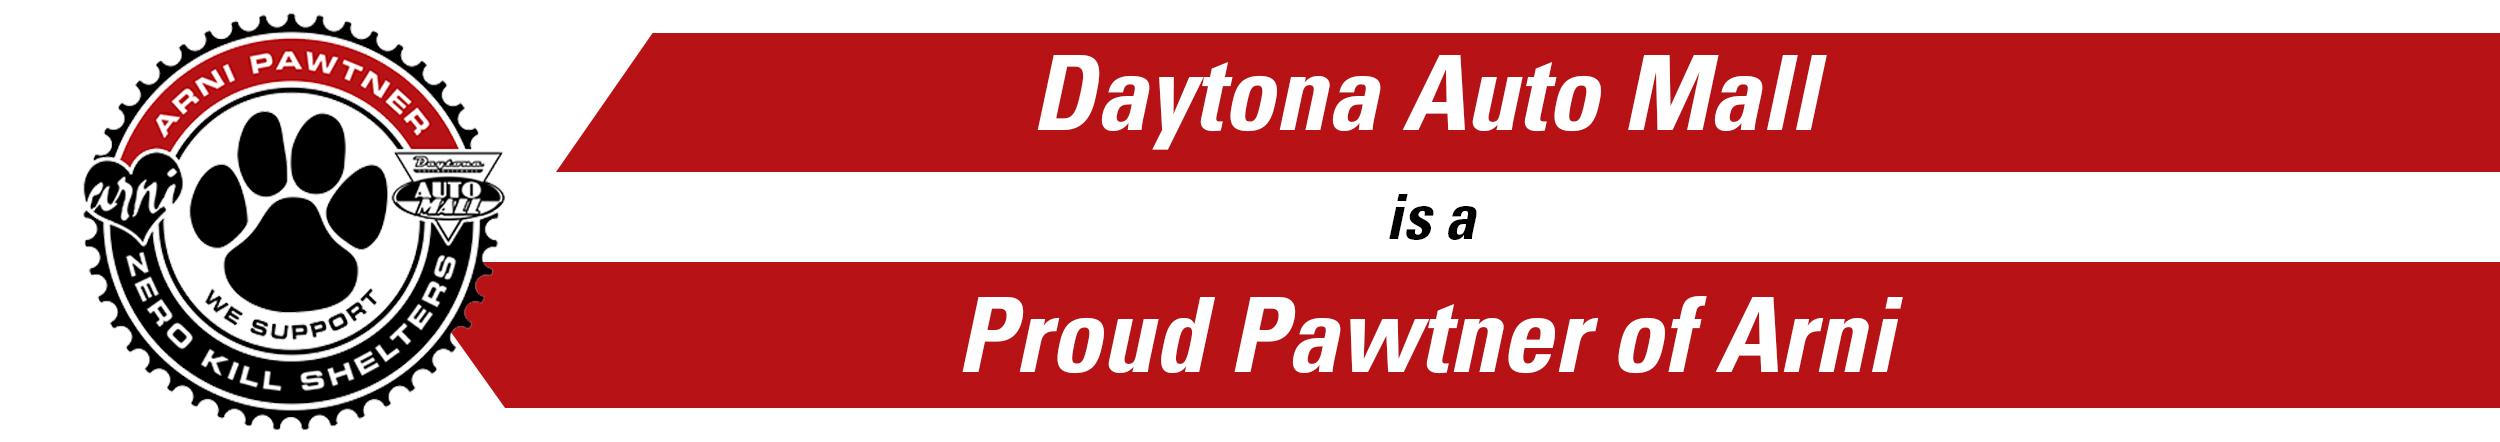 Daytona Auto Mall Header